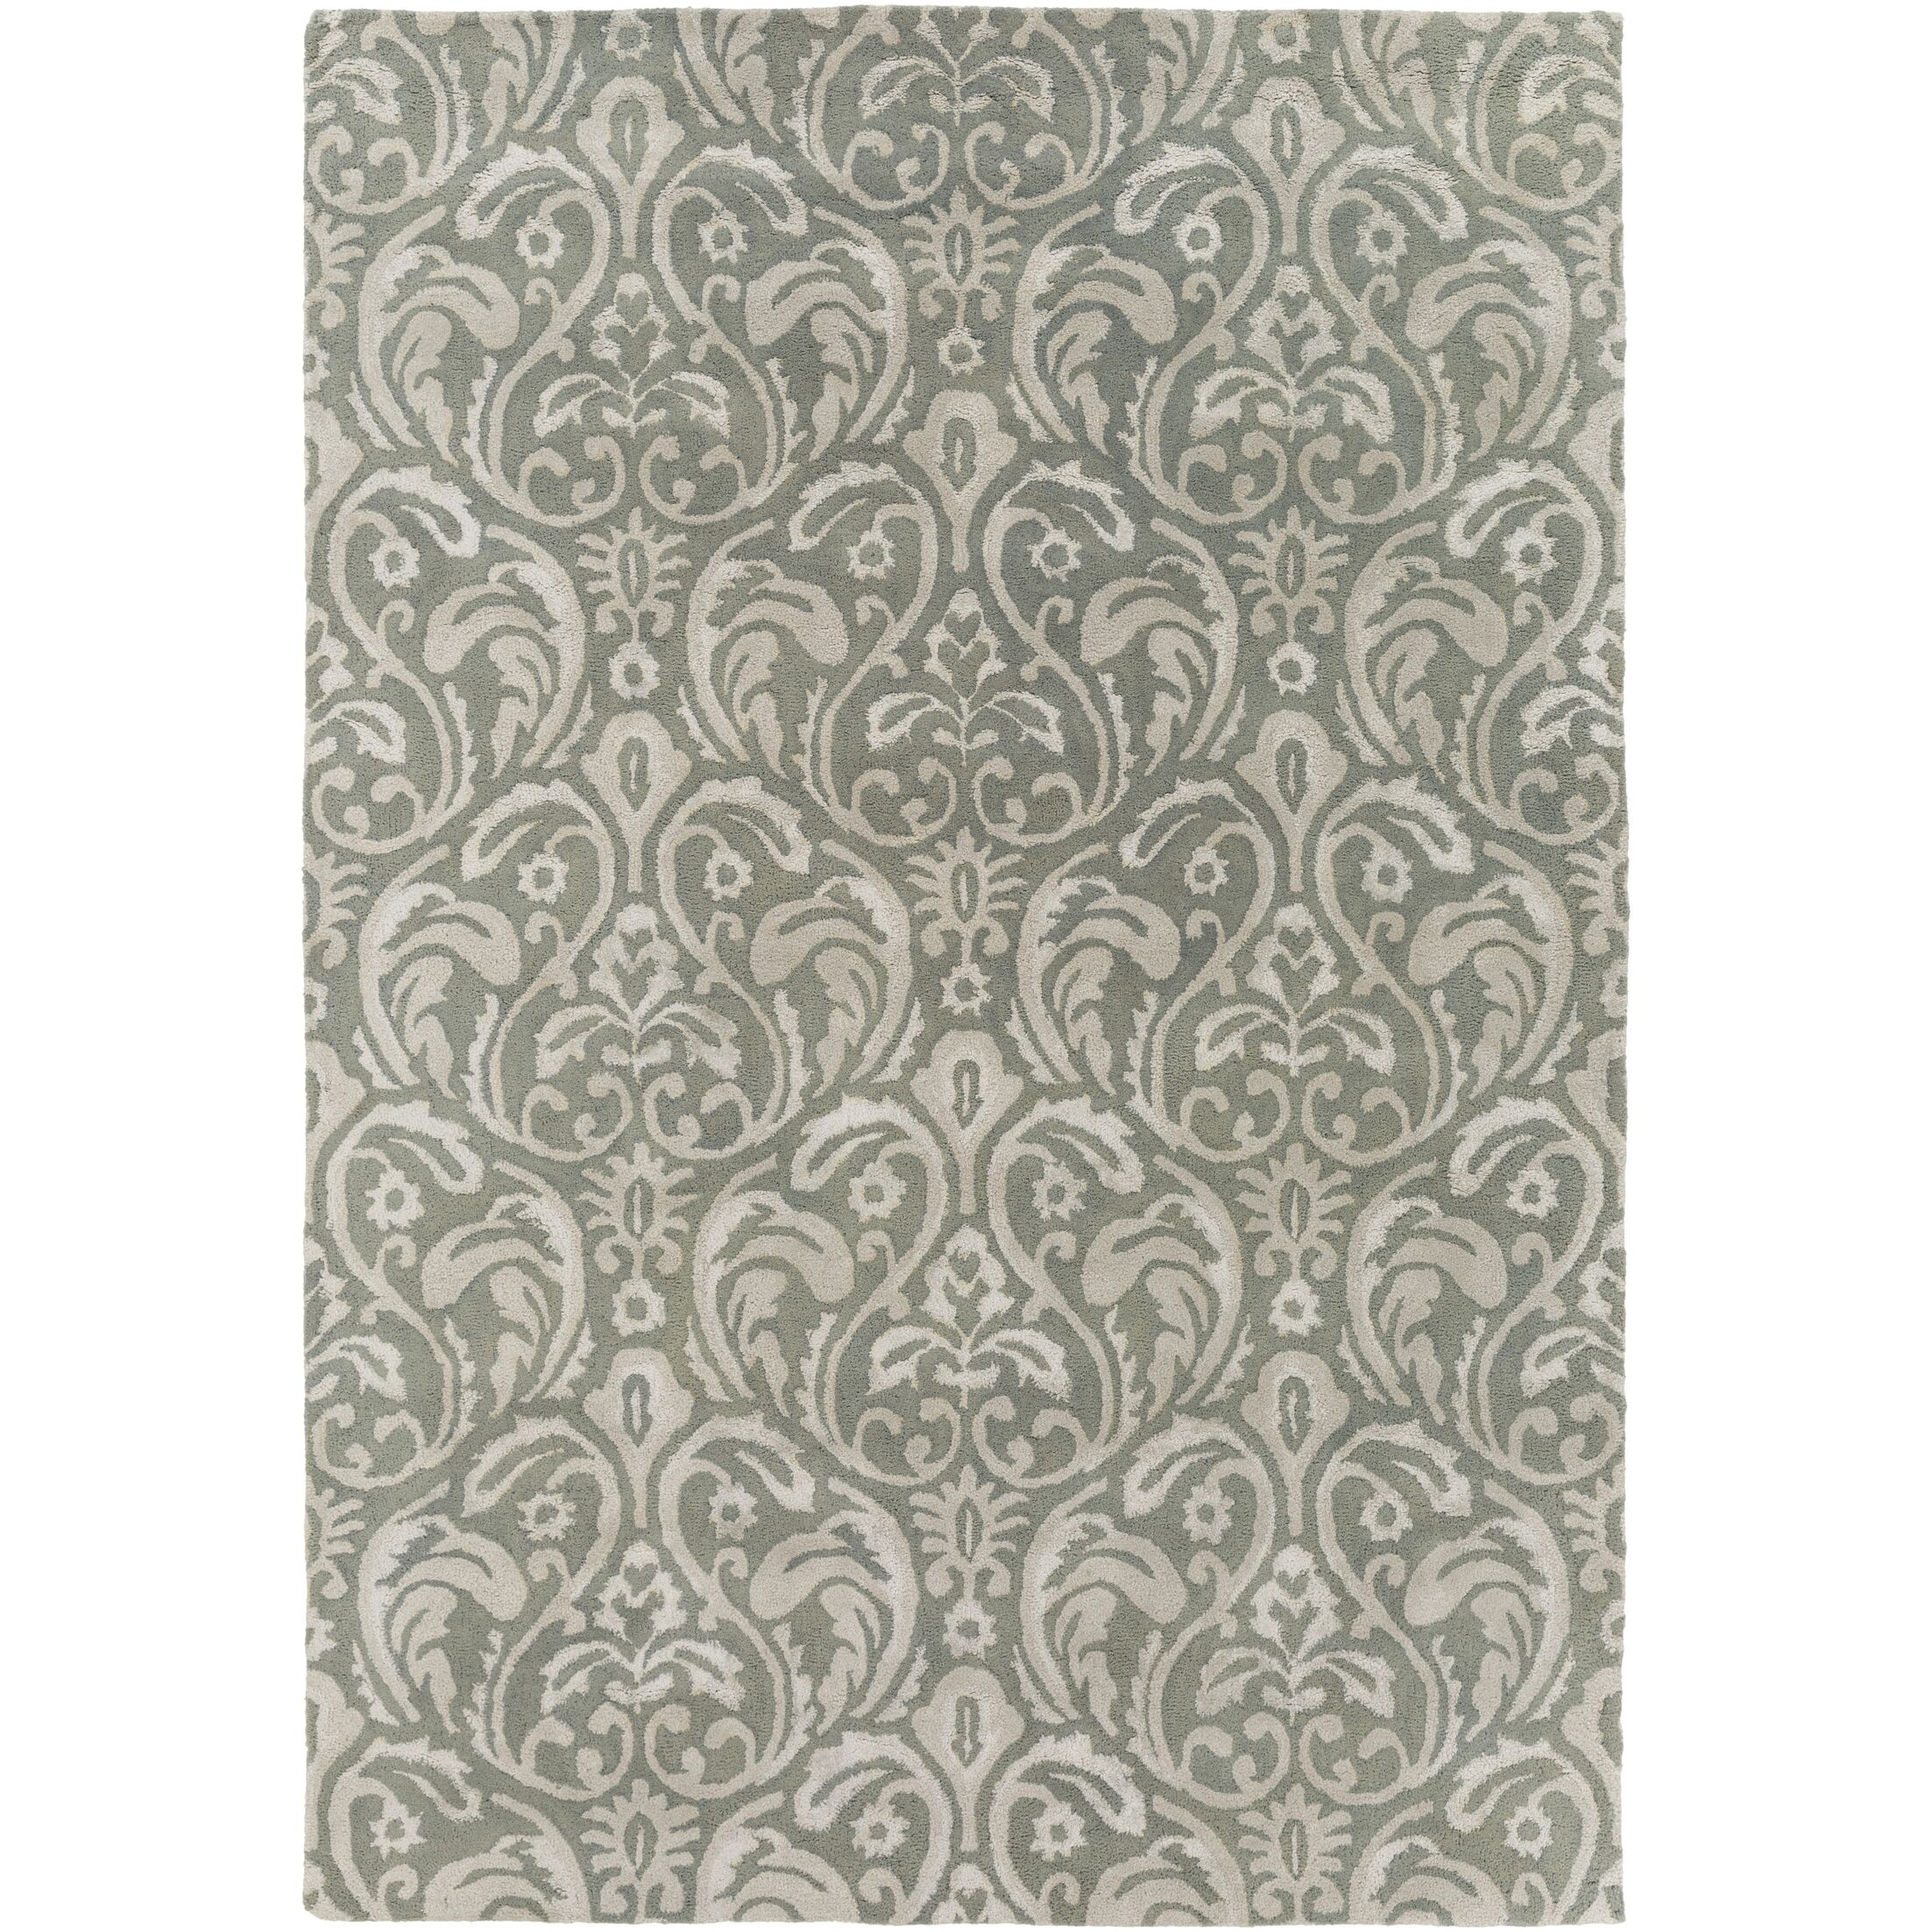 Batchler Hand-Tufted Sage/Light Gray Area Rug Rug Size: Rectangle 8' x 11'